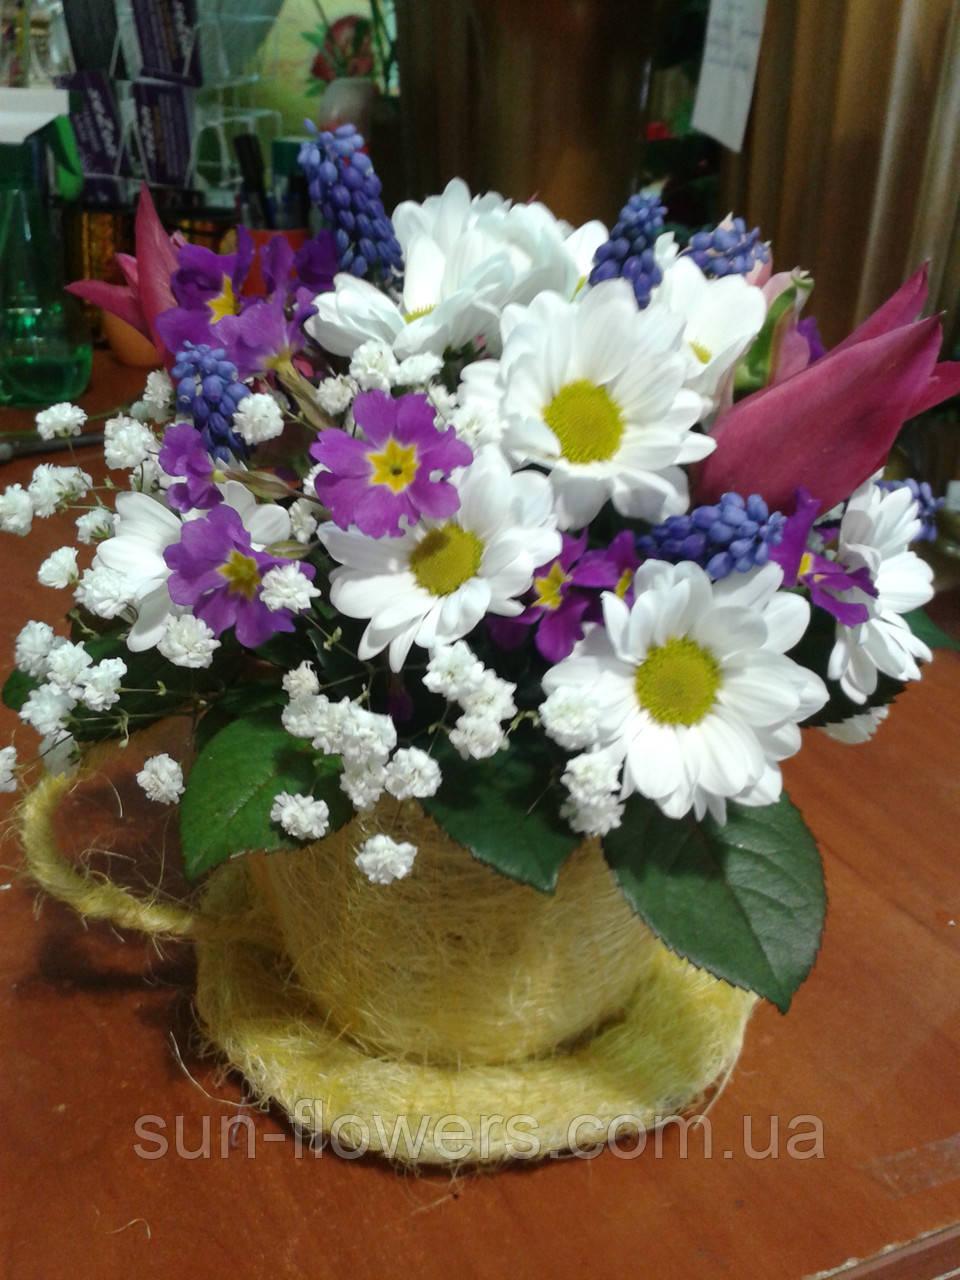 Композиція з живих квітів у чашці сезалевой